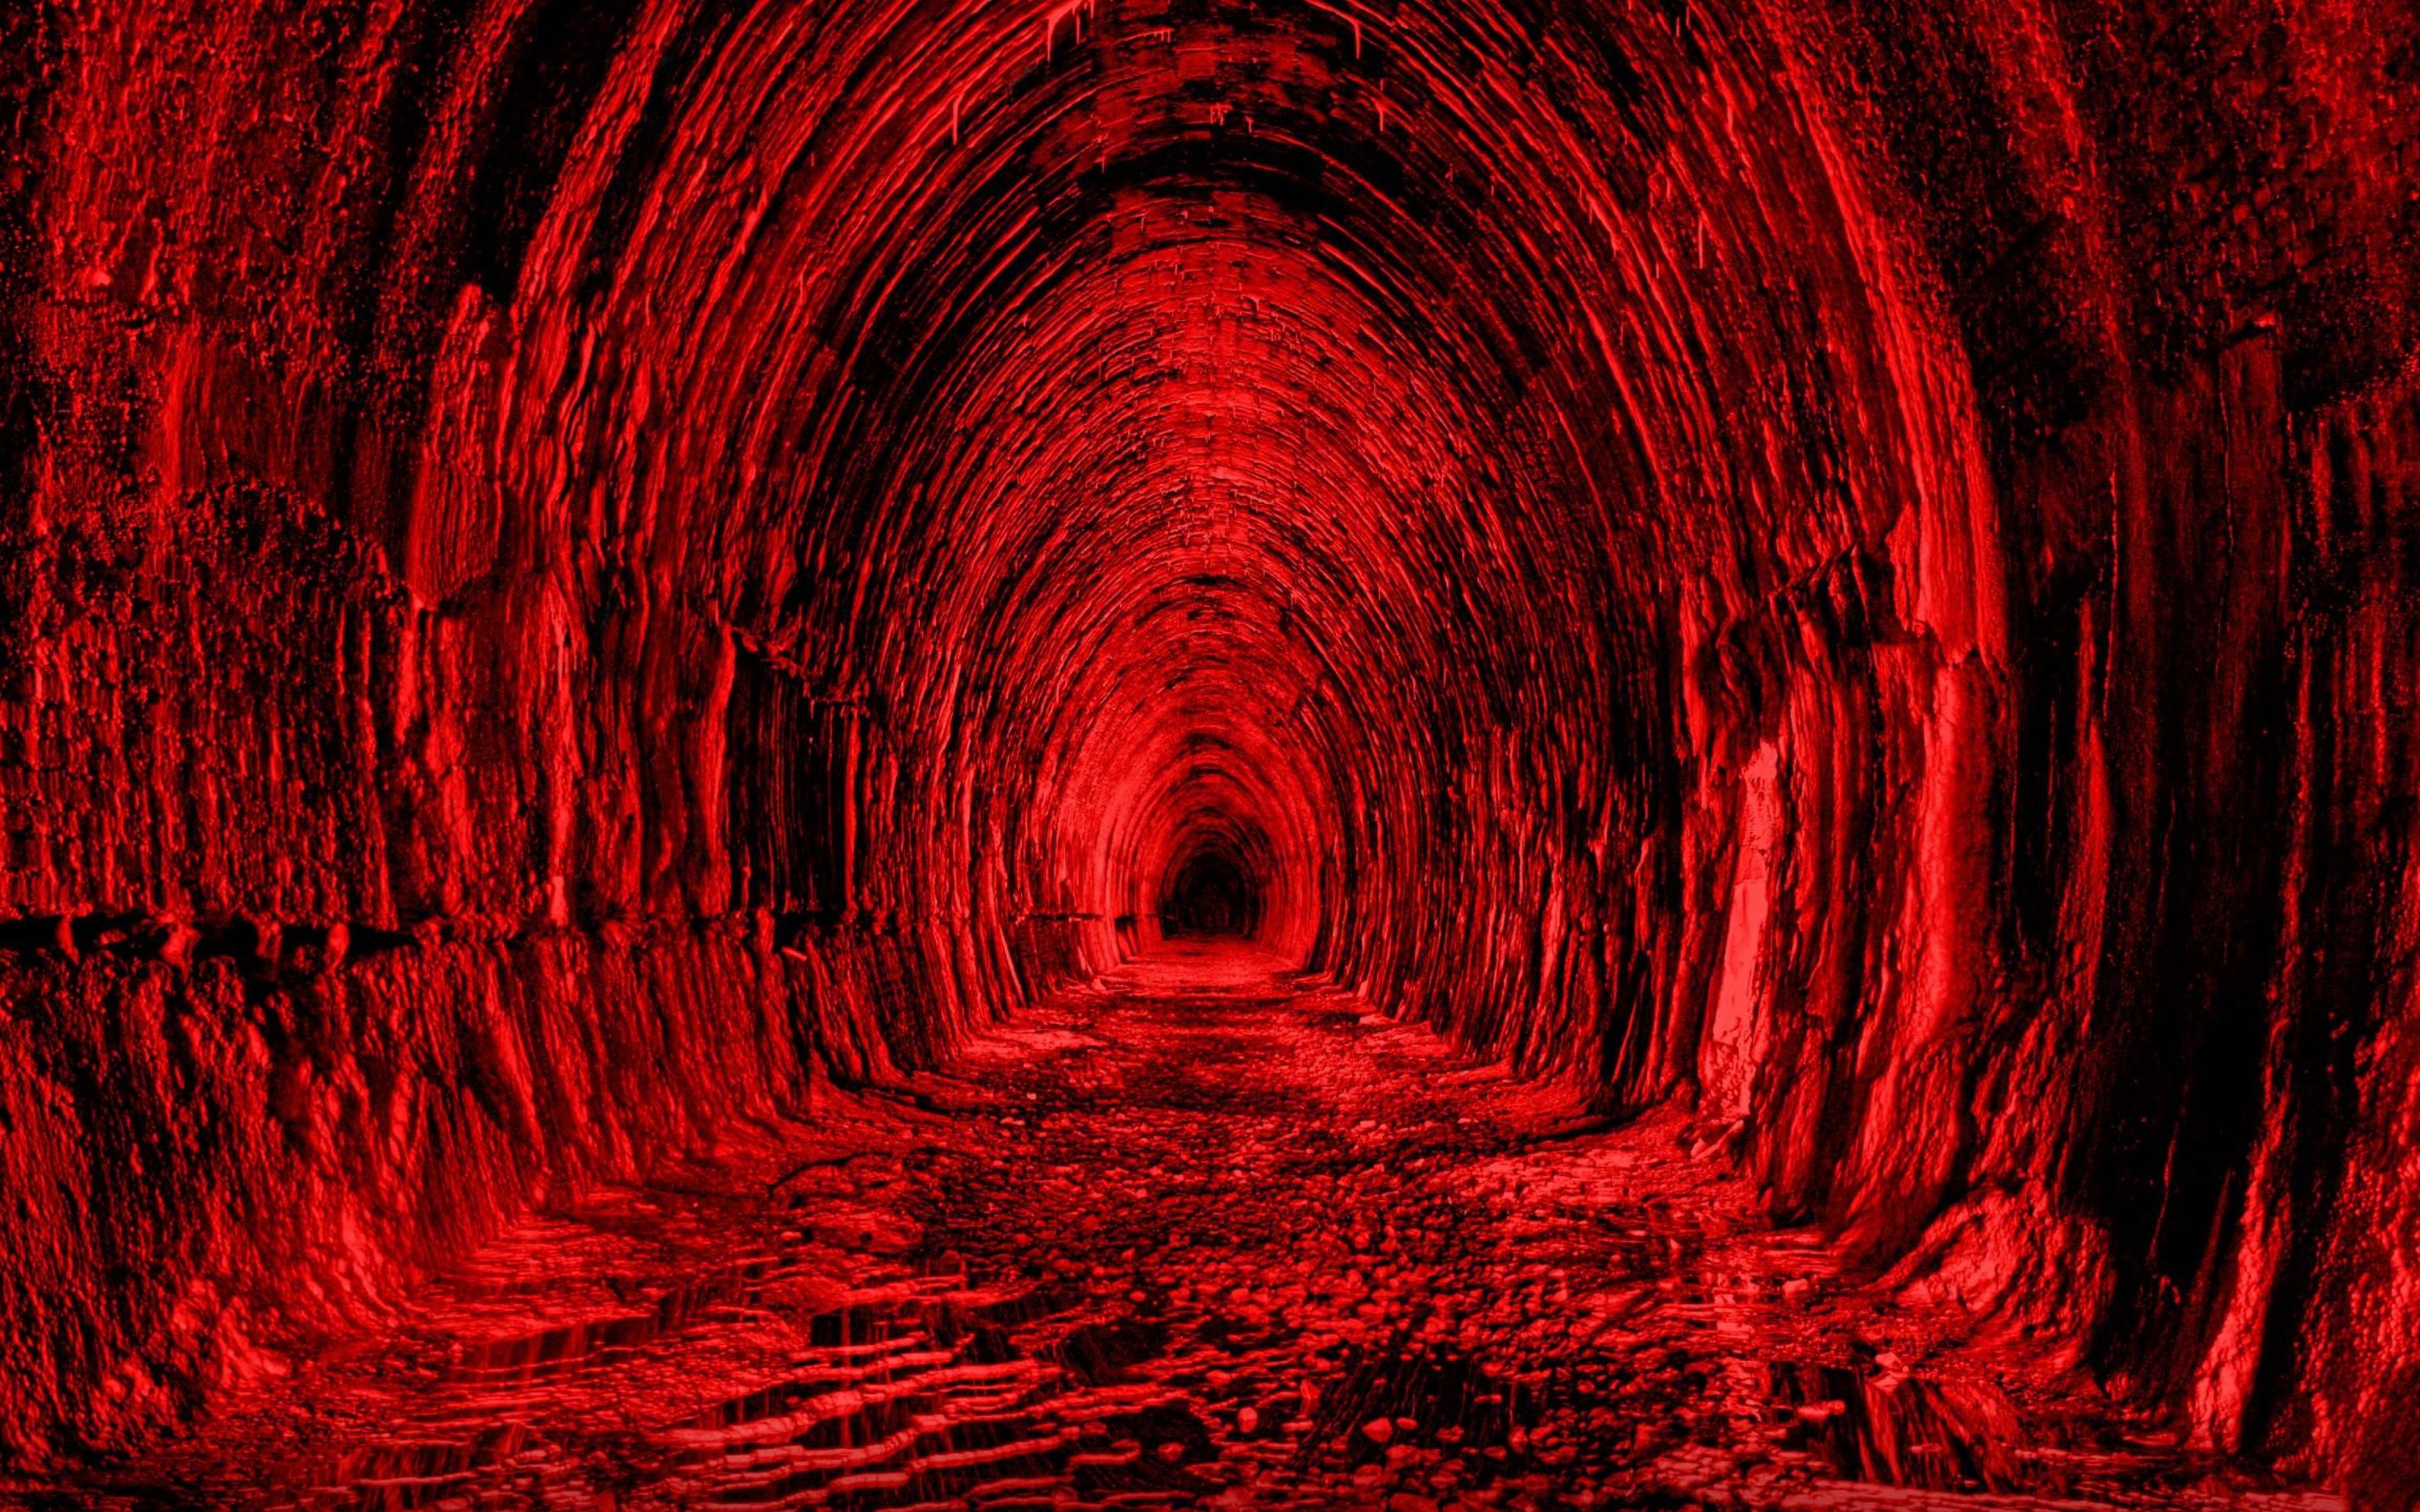 49+ Red and Black 4K Wallpaper on WallpaperSafari